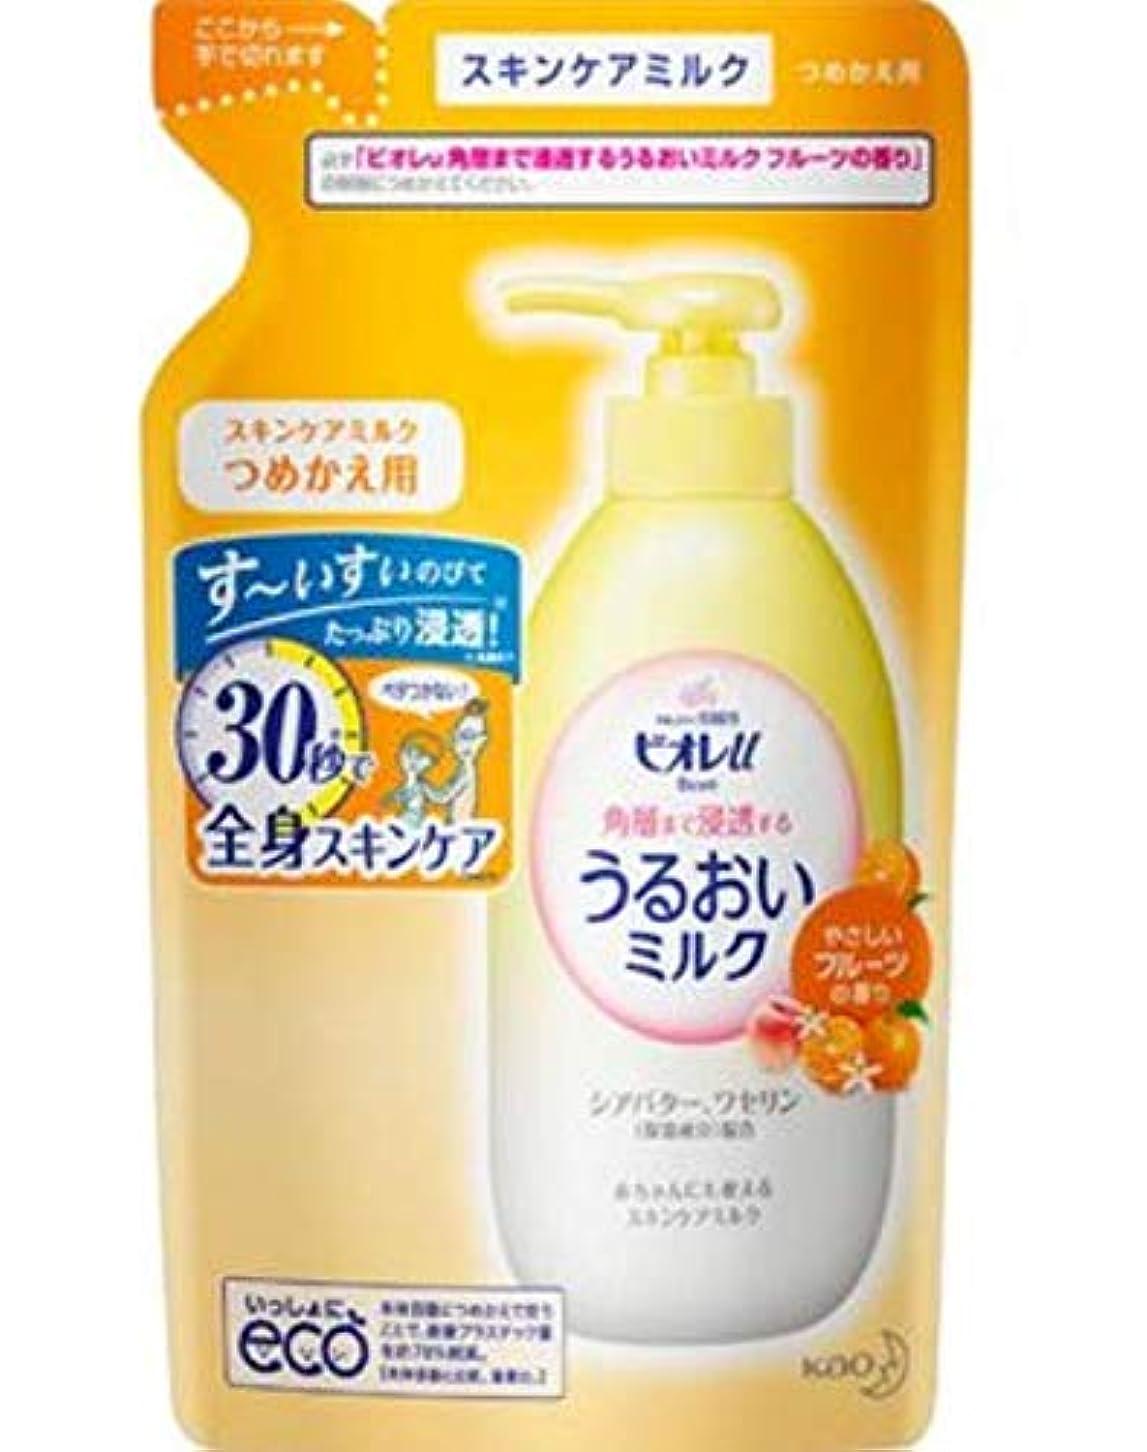 挑む最大限詳細にビオレu 角層まで浸透 うるおいミルク フルーツ 250ml 詰替